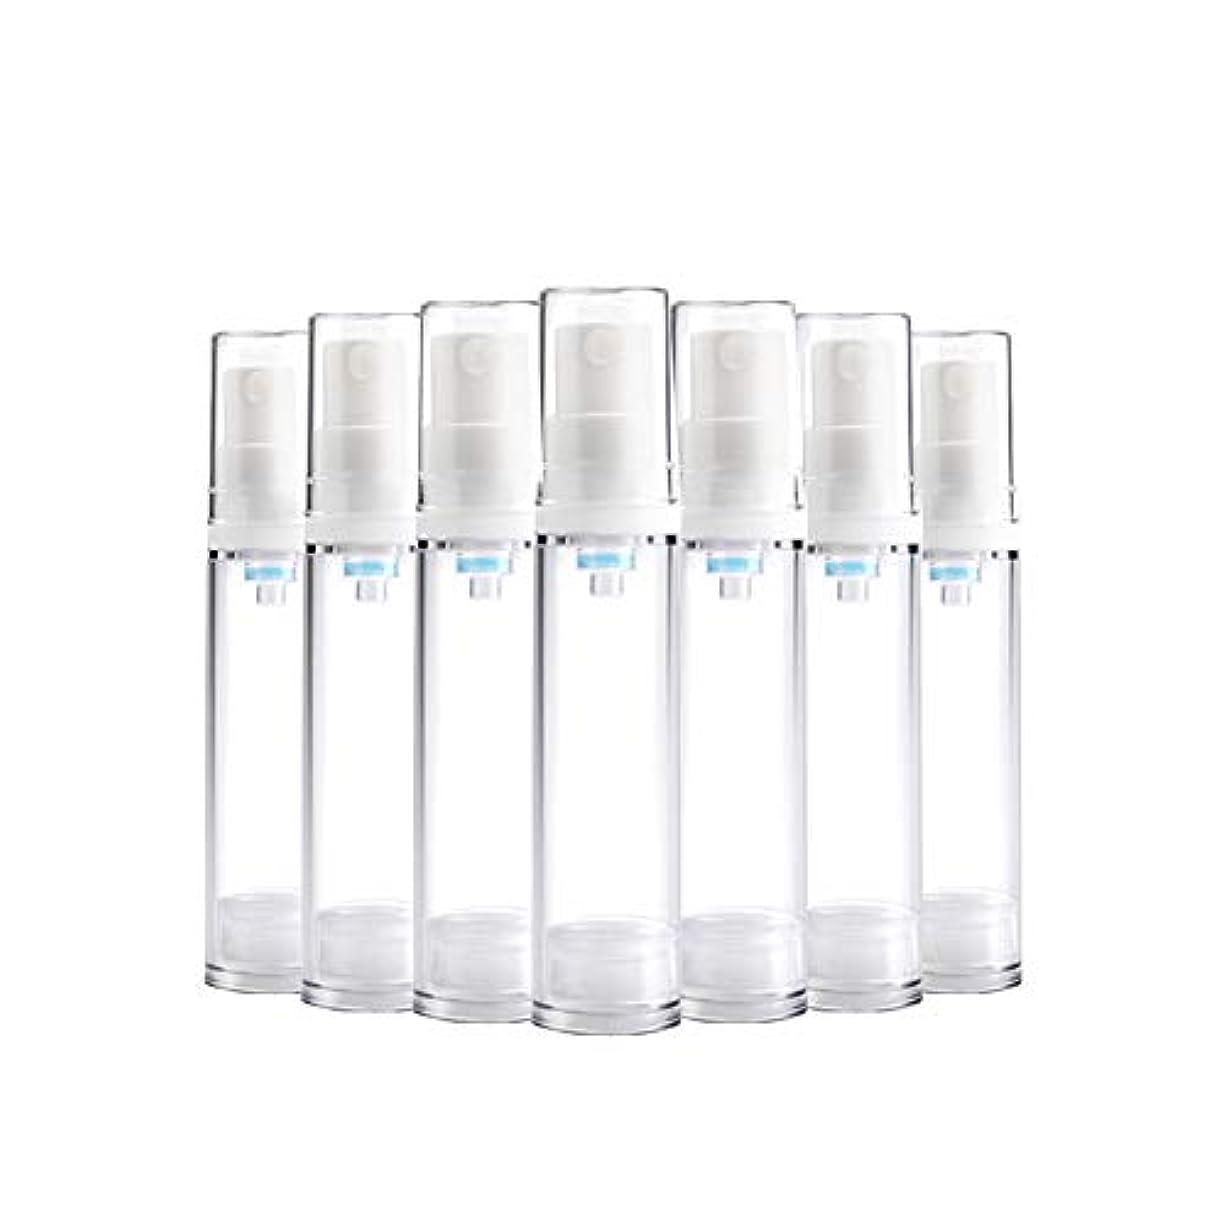 十代の若者たち行進ジェット6 PCS Aspireトランスペアレントプラスチックエアロゾルスプレーボトルエアレスポンプスプレーボトル 詰め替え可能なファインミストエアレススプレー(15ml 30ml) - 30 ml